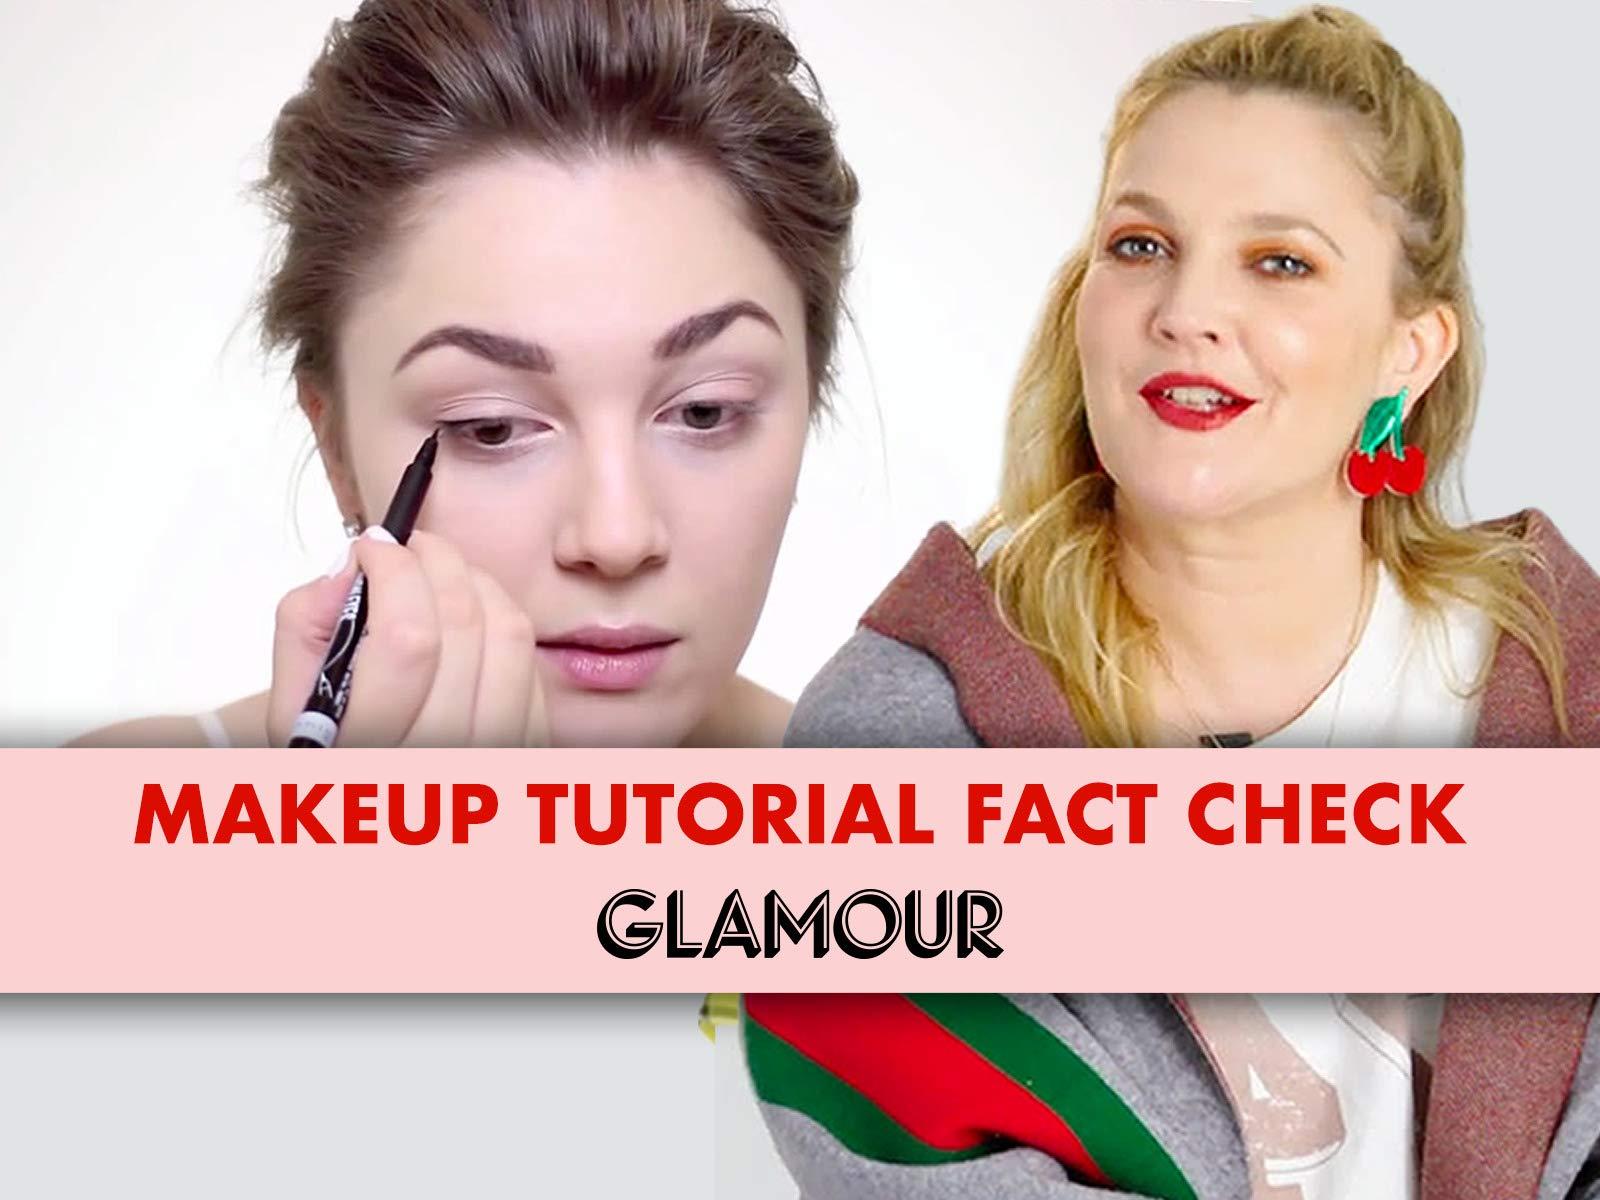 Makeup Tutorial Fact Check - Season 1